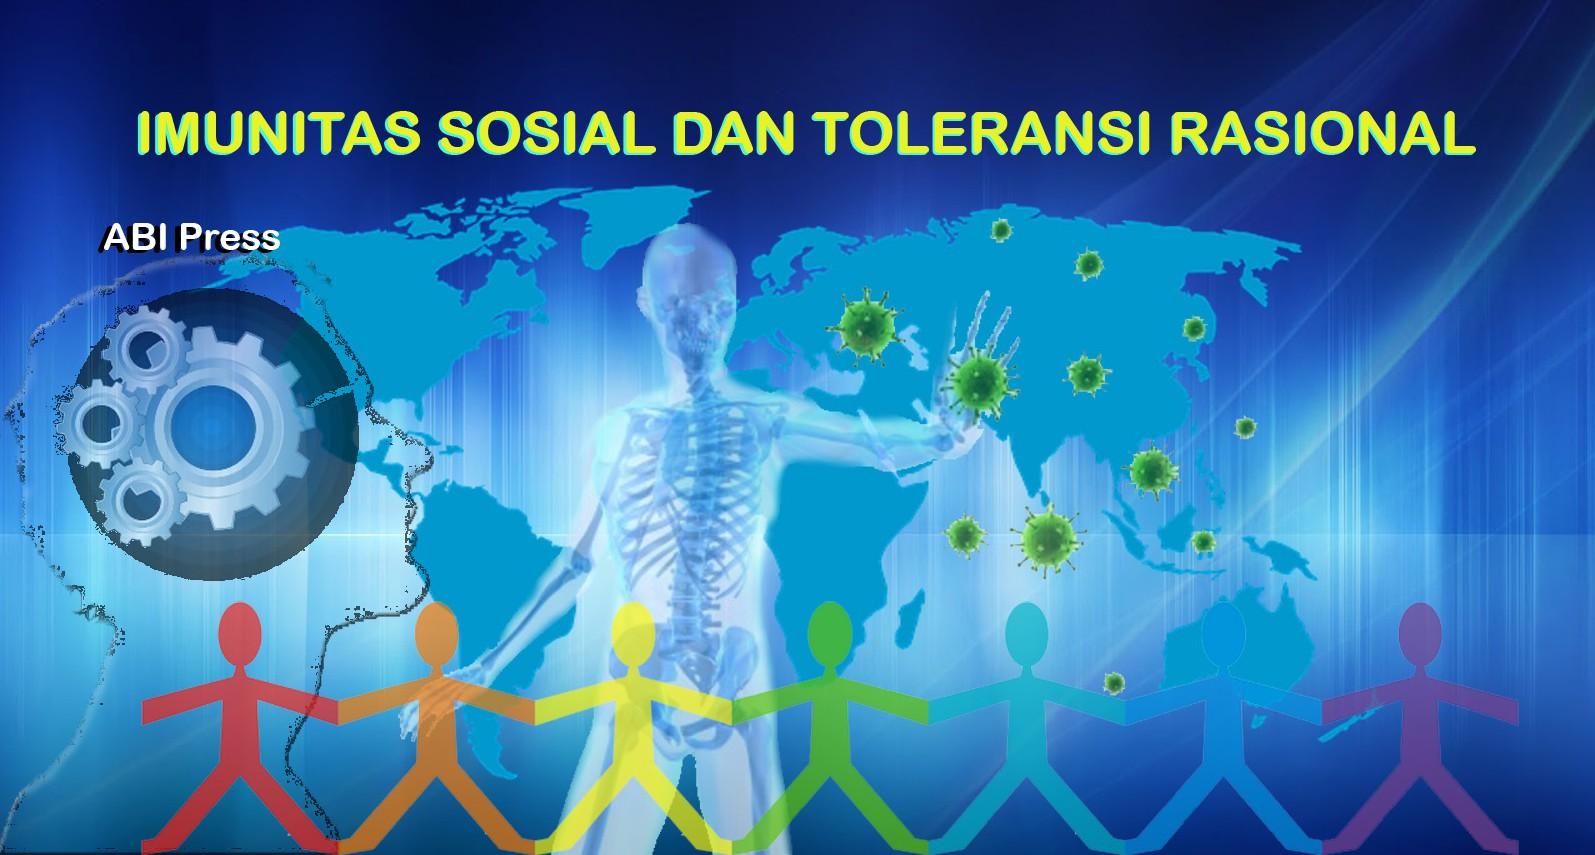 Imunitas Sosial dan Toleransi Rasional